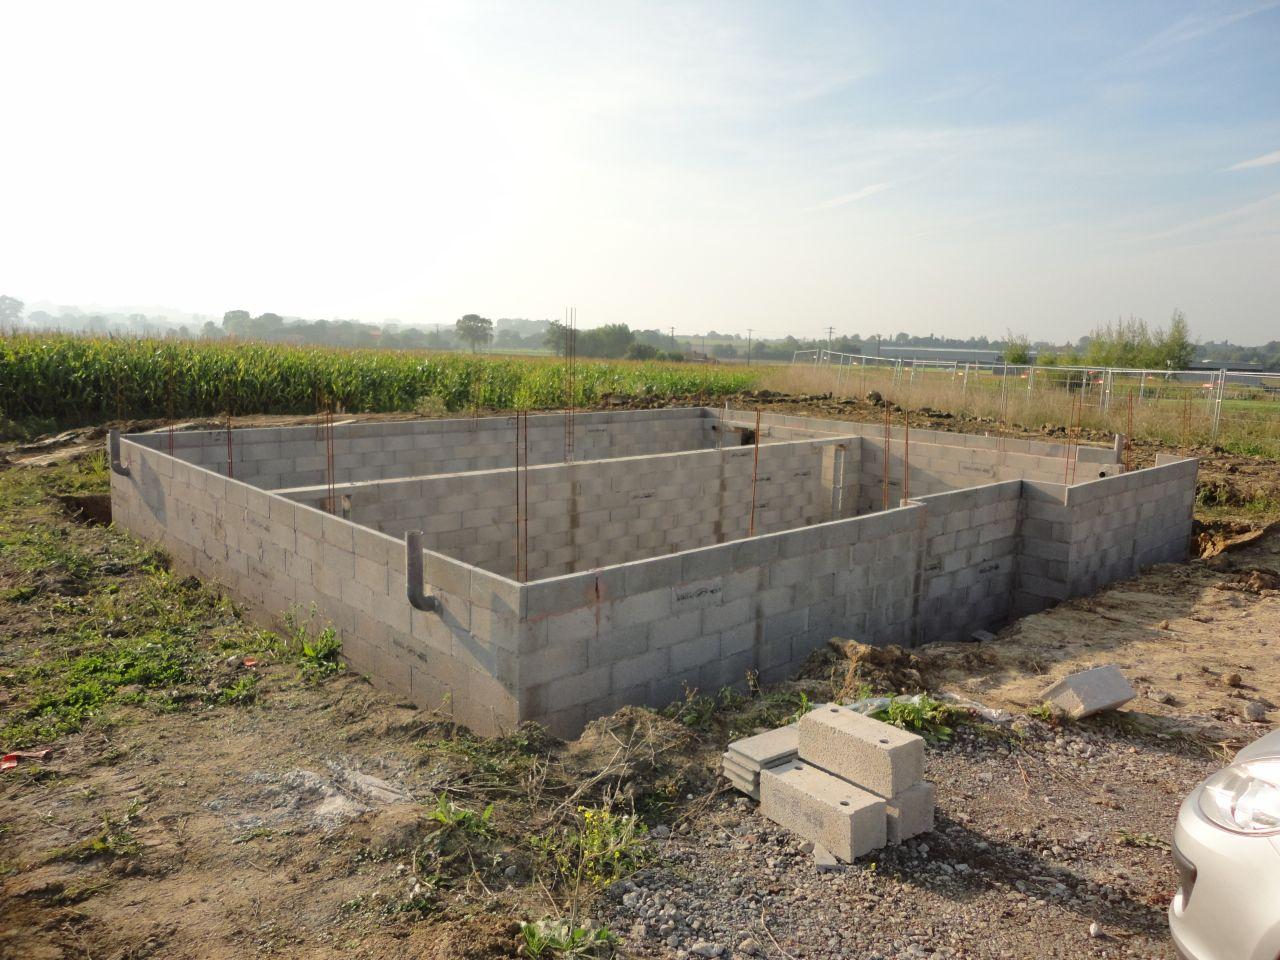 Implantation commencement vide sanitaire boeschepe nord for Vide sanitaire ou pas